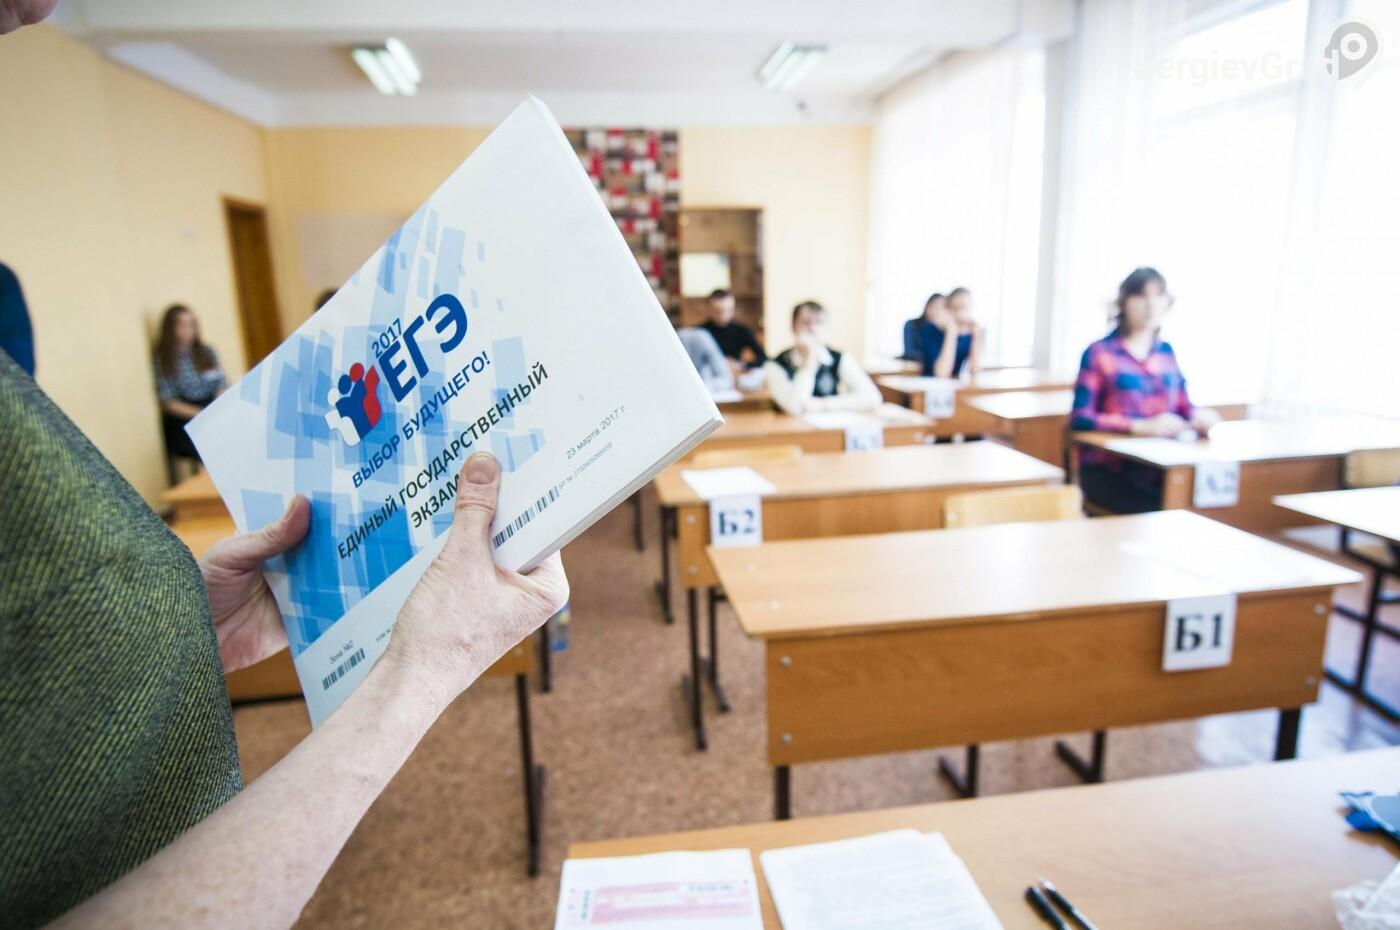 Всероссийская акция «Единый день сдачи ЕГЭ родителями» стартовала в Московской области